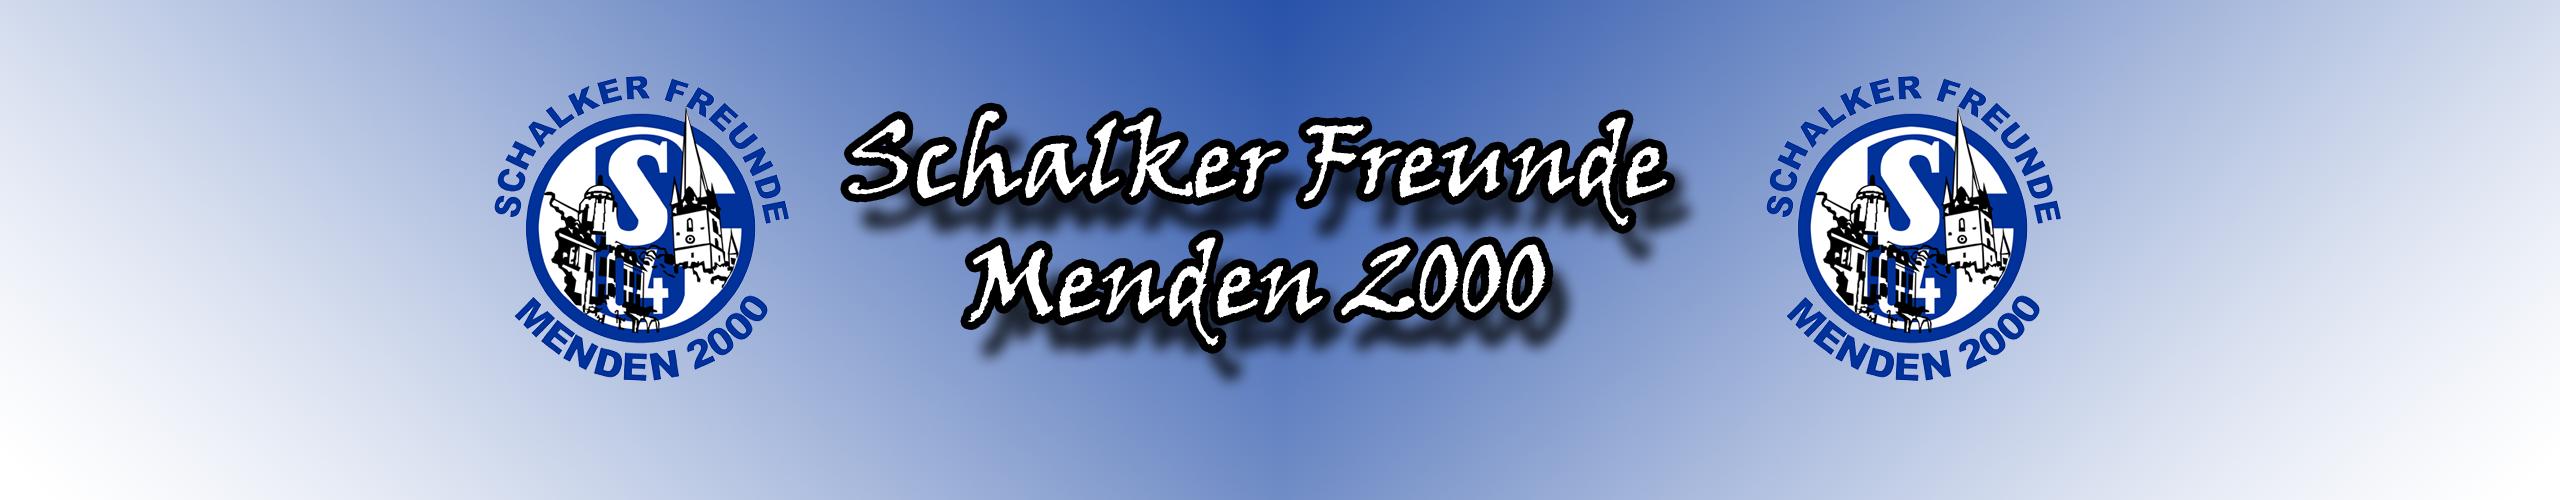 Schalker Freunde Menden 2000